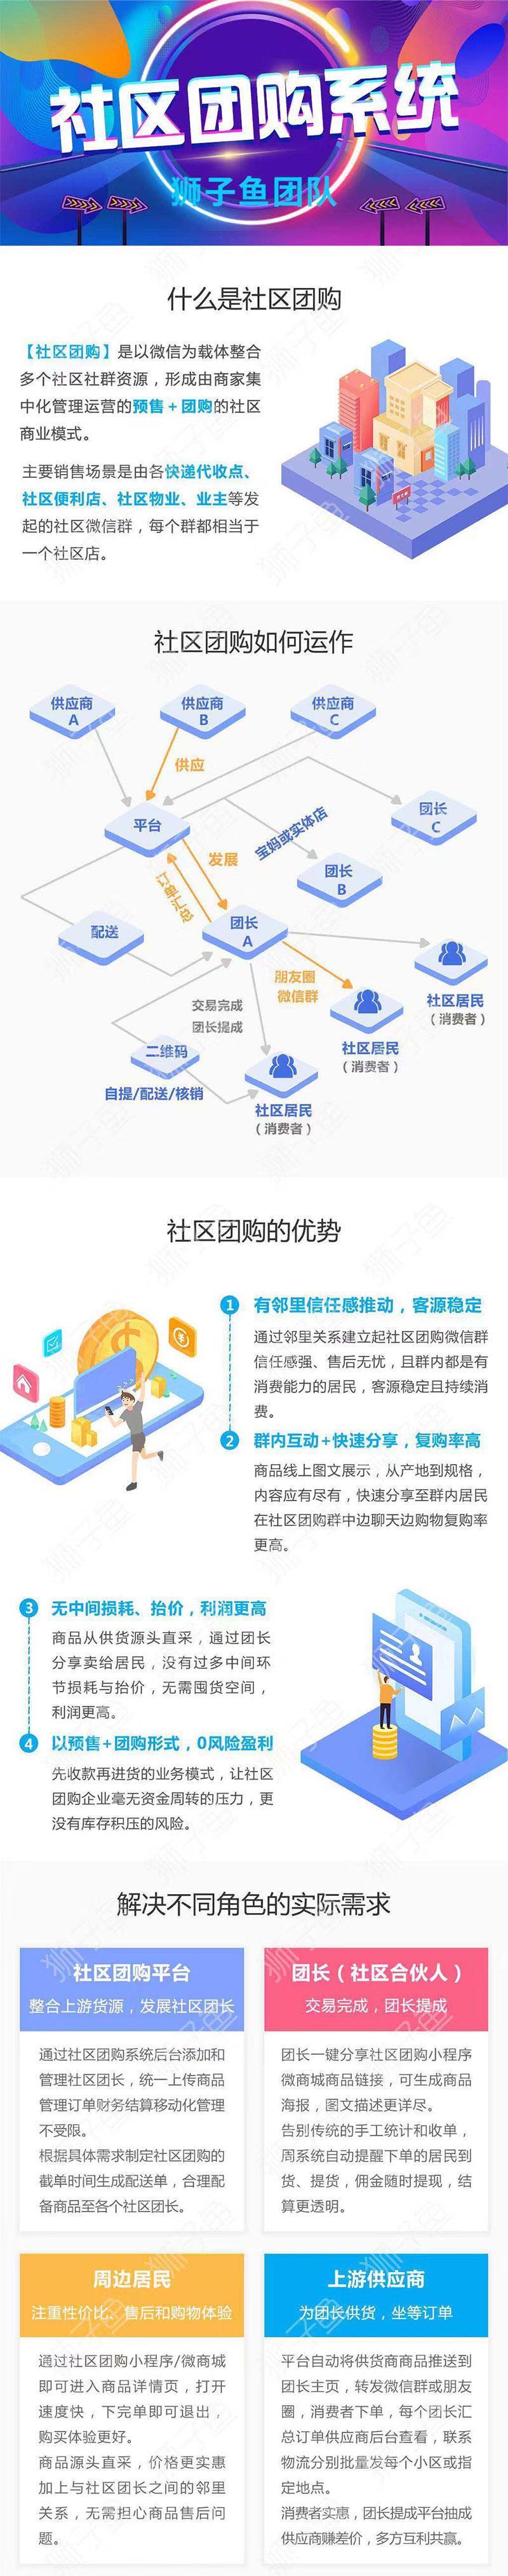 狮子鱼社区团购小程序V4.8.0 前端+后端